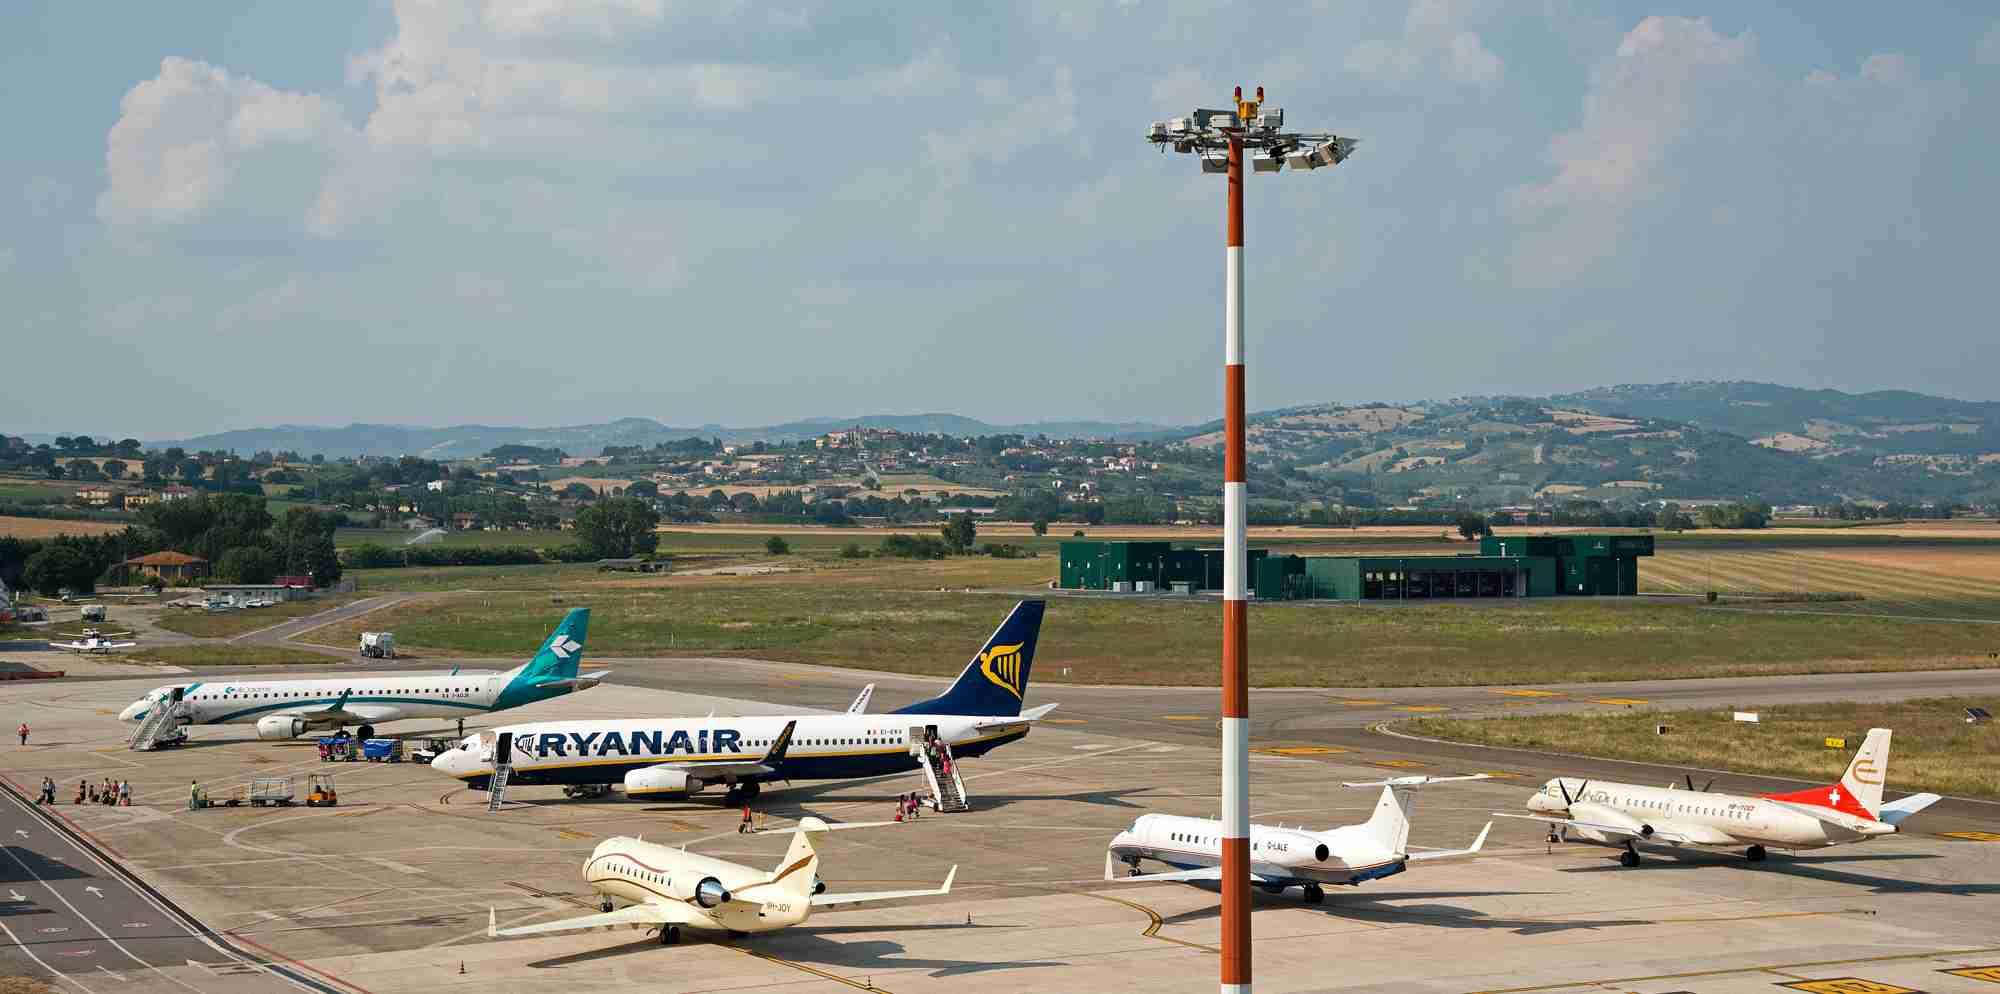 Aeroporto Italia : Aeroporto dell umbria a luglio il miglior risultato